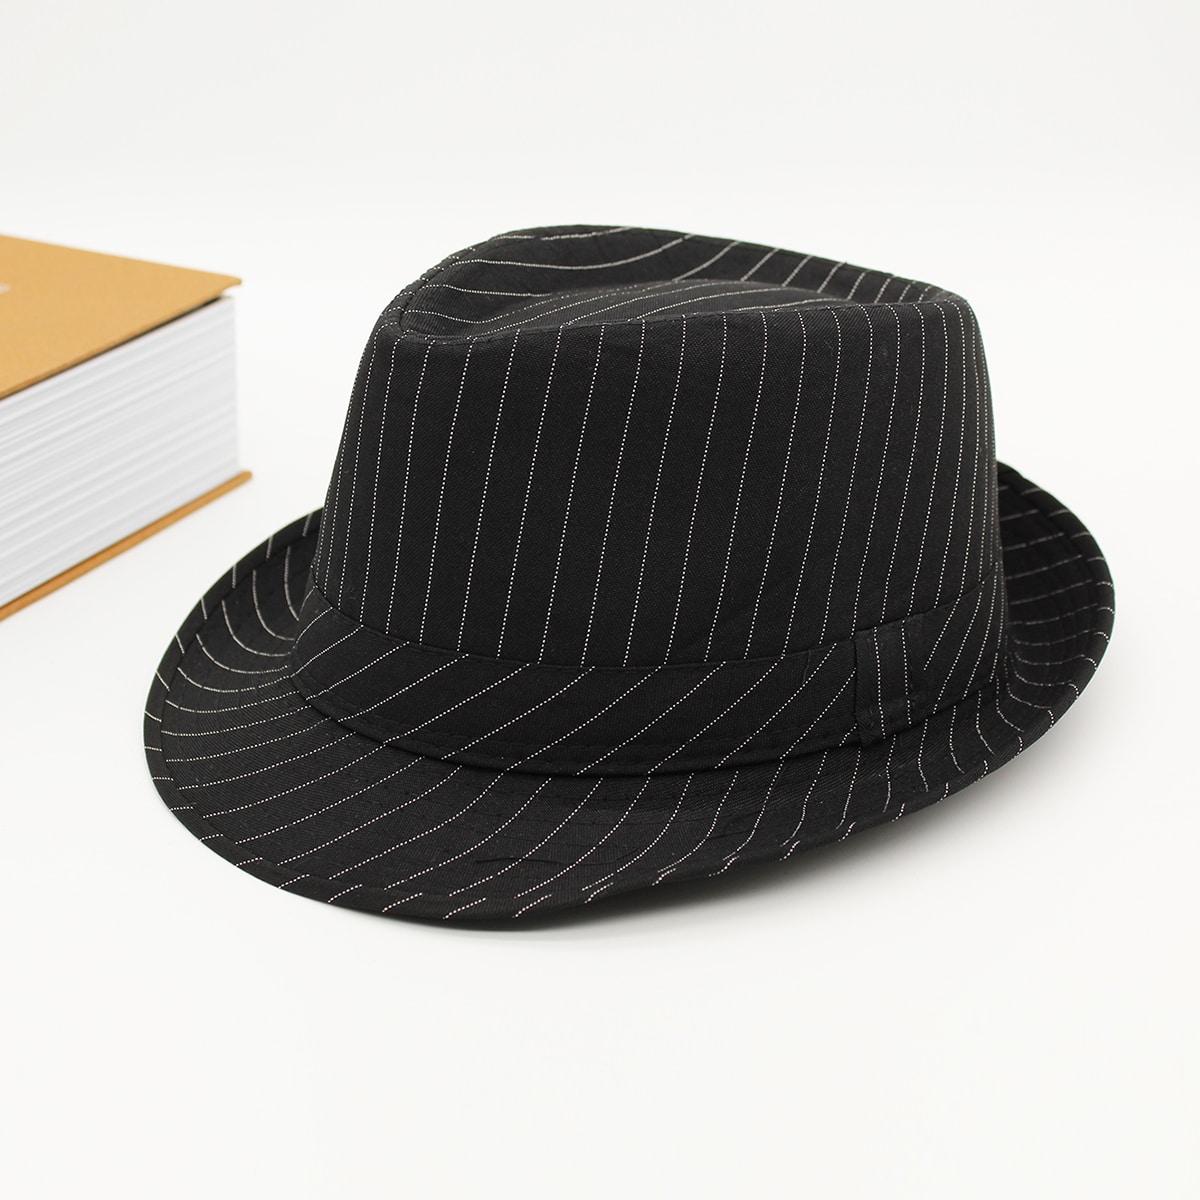 Männer Fedora Hut mit Streifen Muster